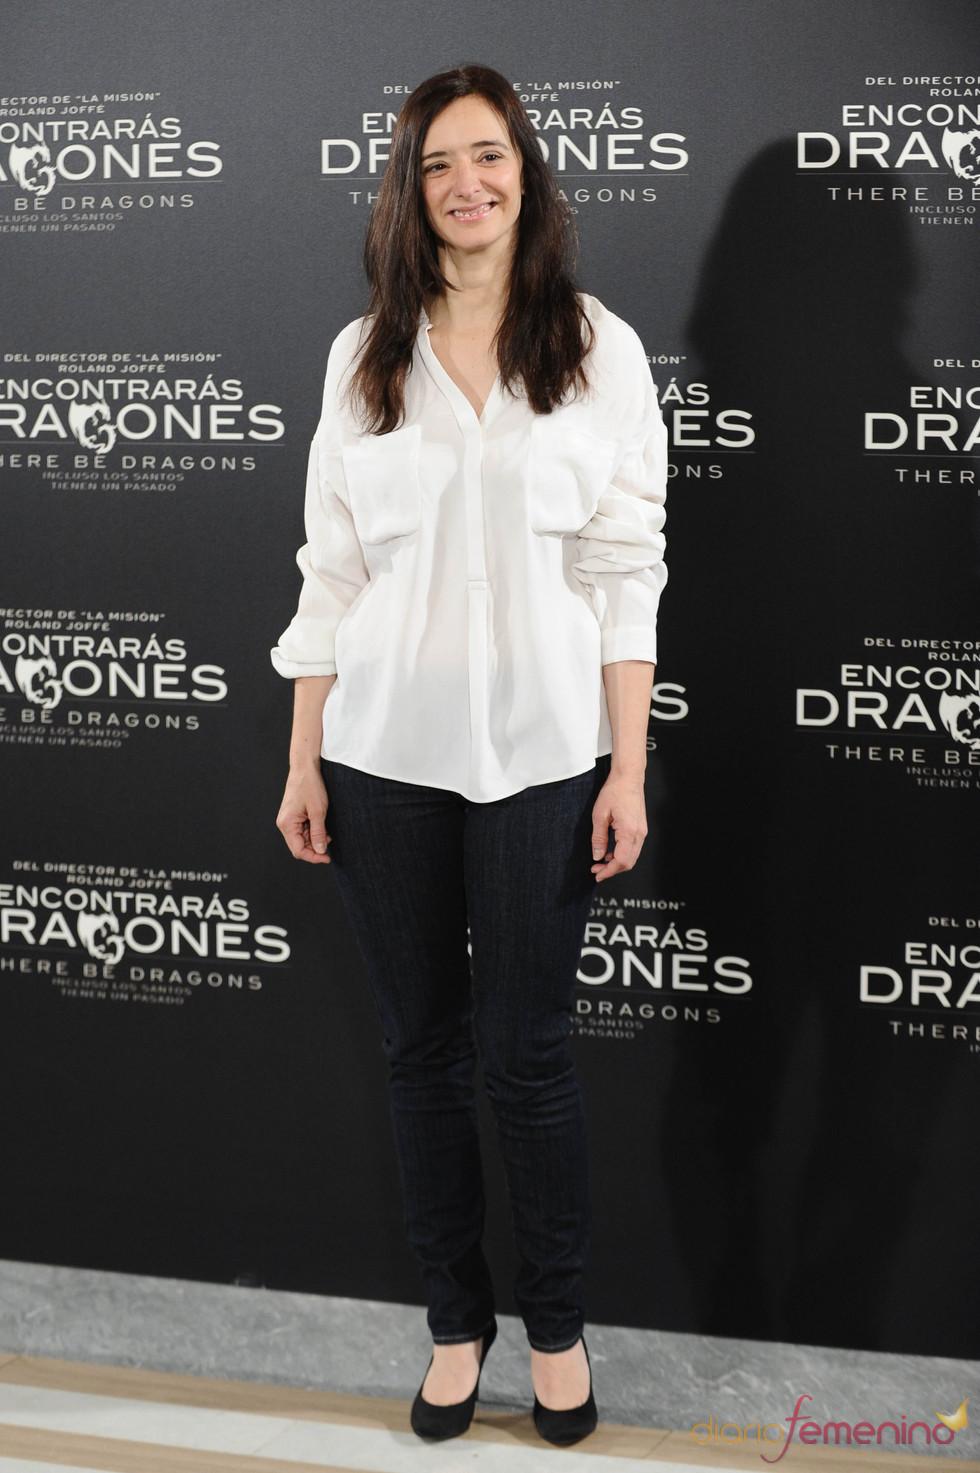 Anna Torrent en la presentación de 'Encontrarás dragones'